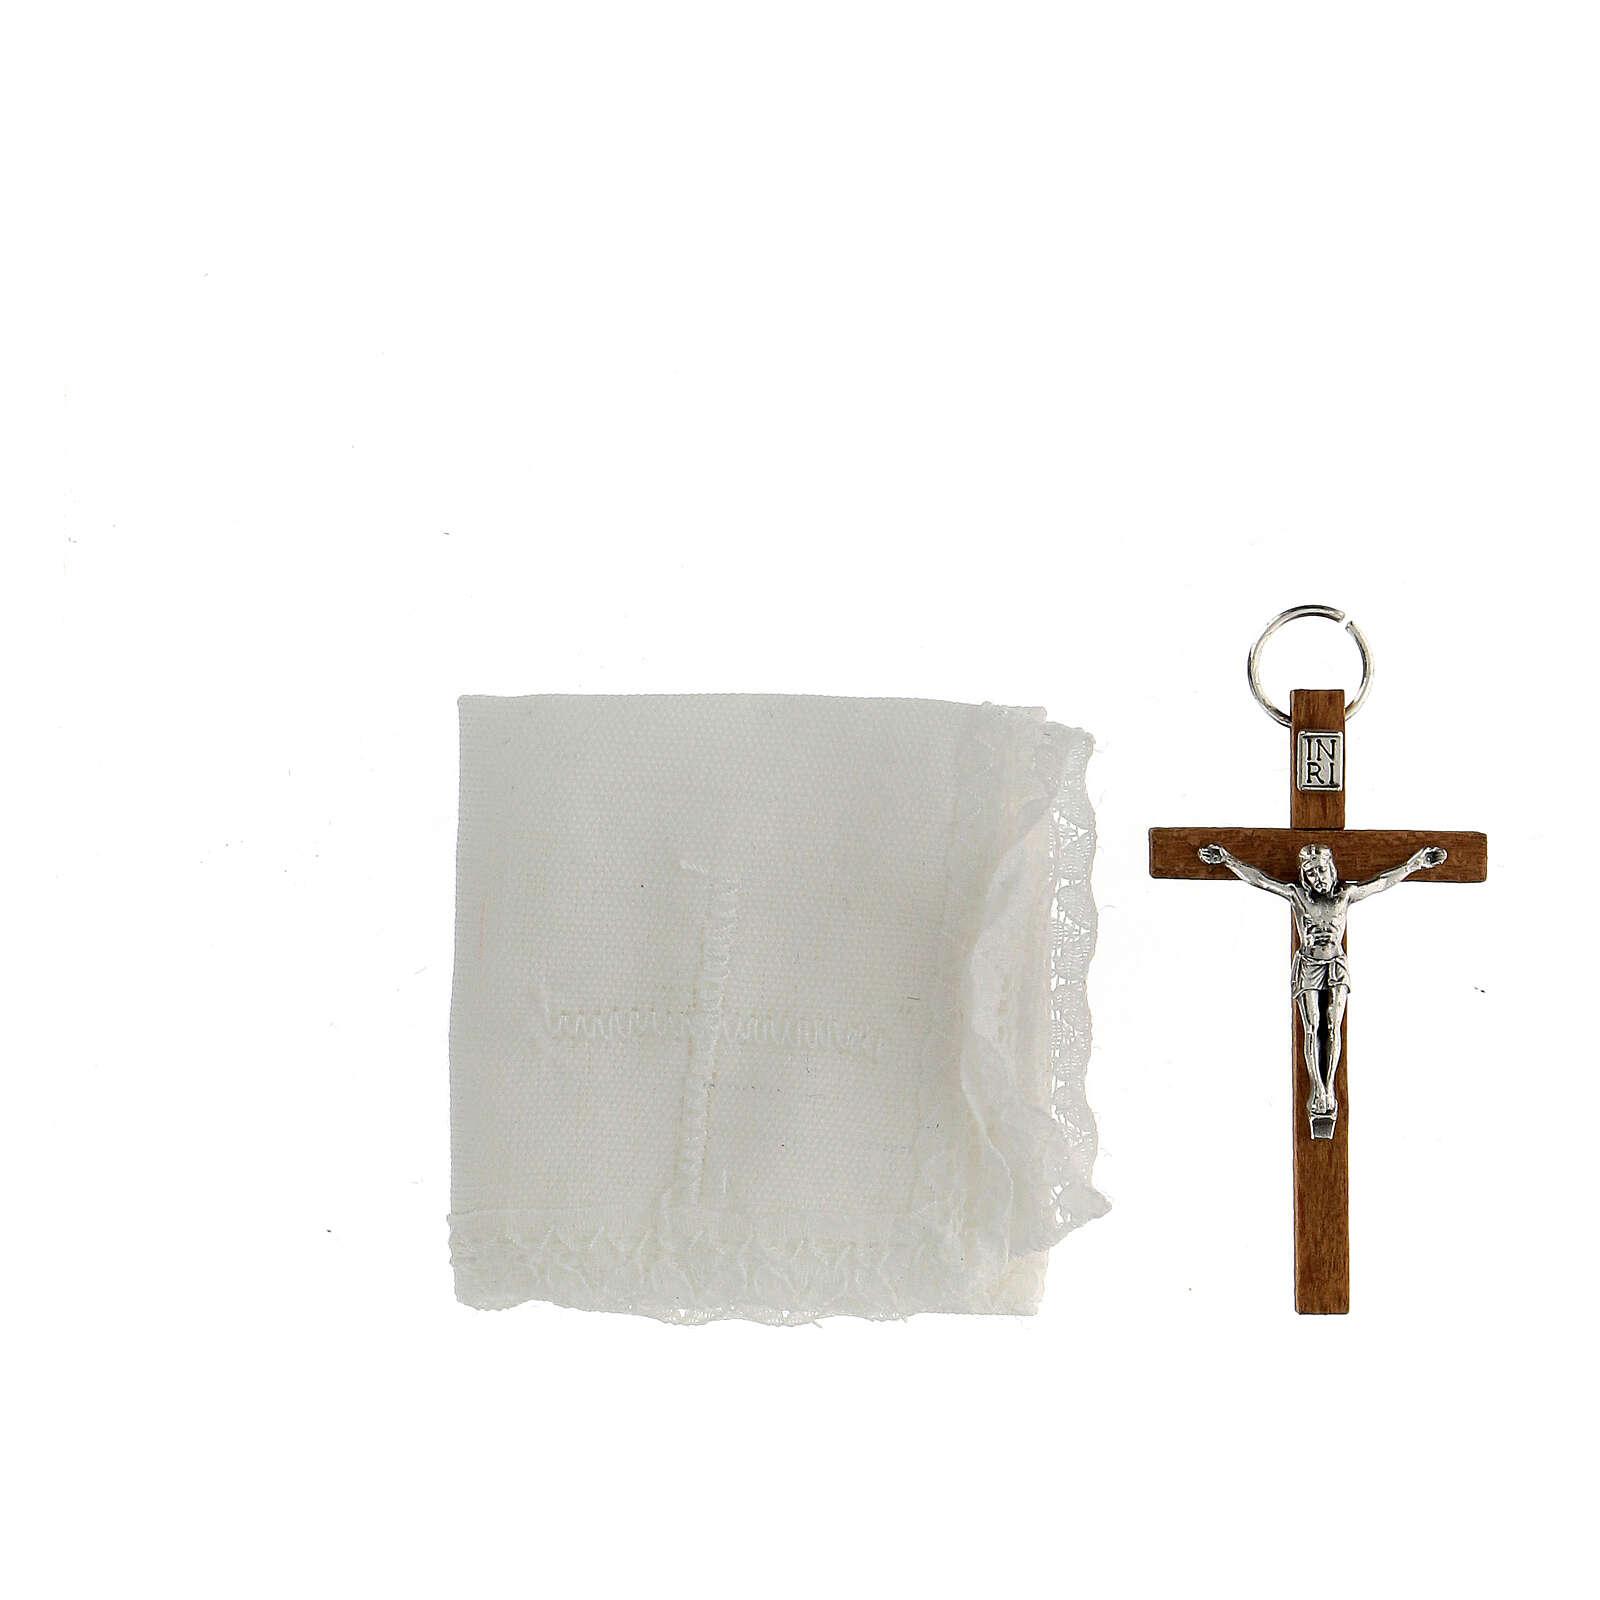 Portaviatico piel comunión y caja de formas 3